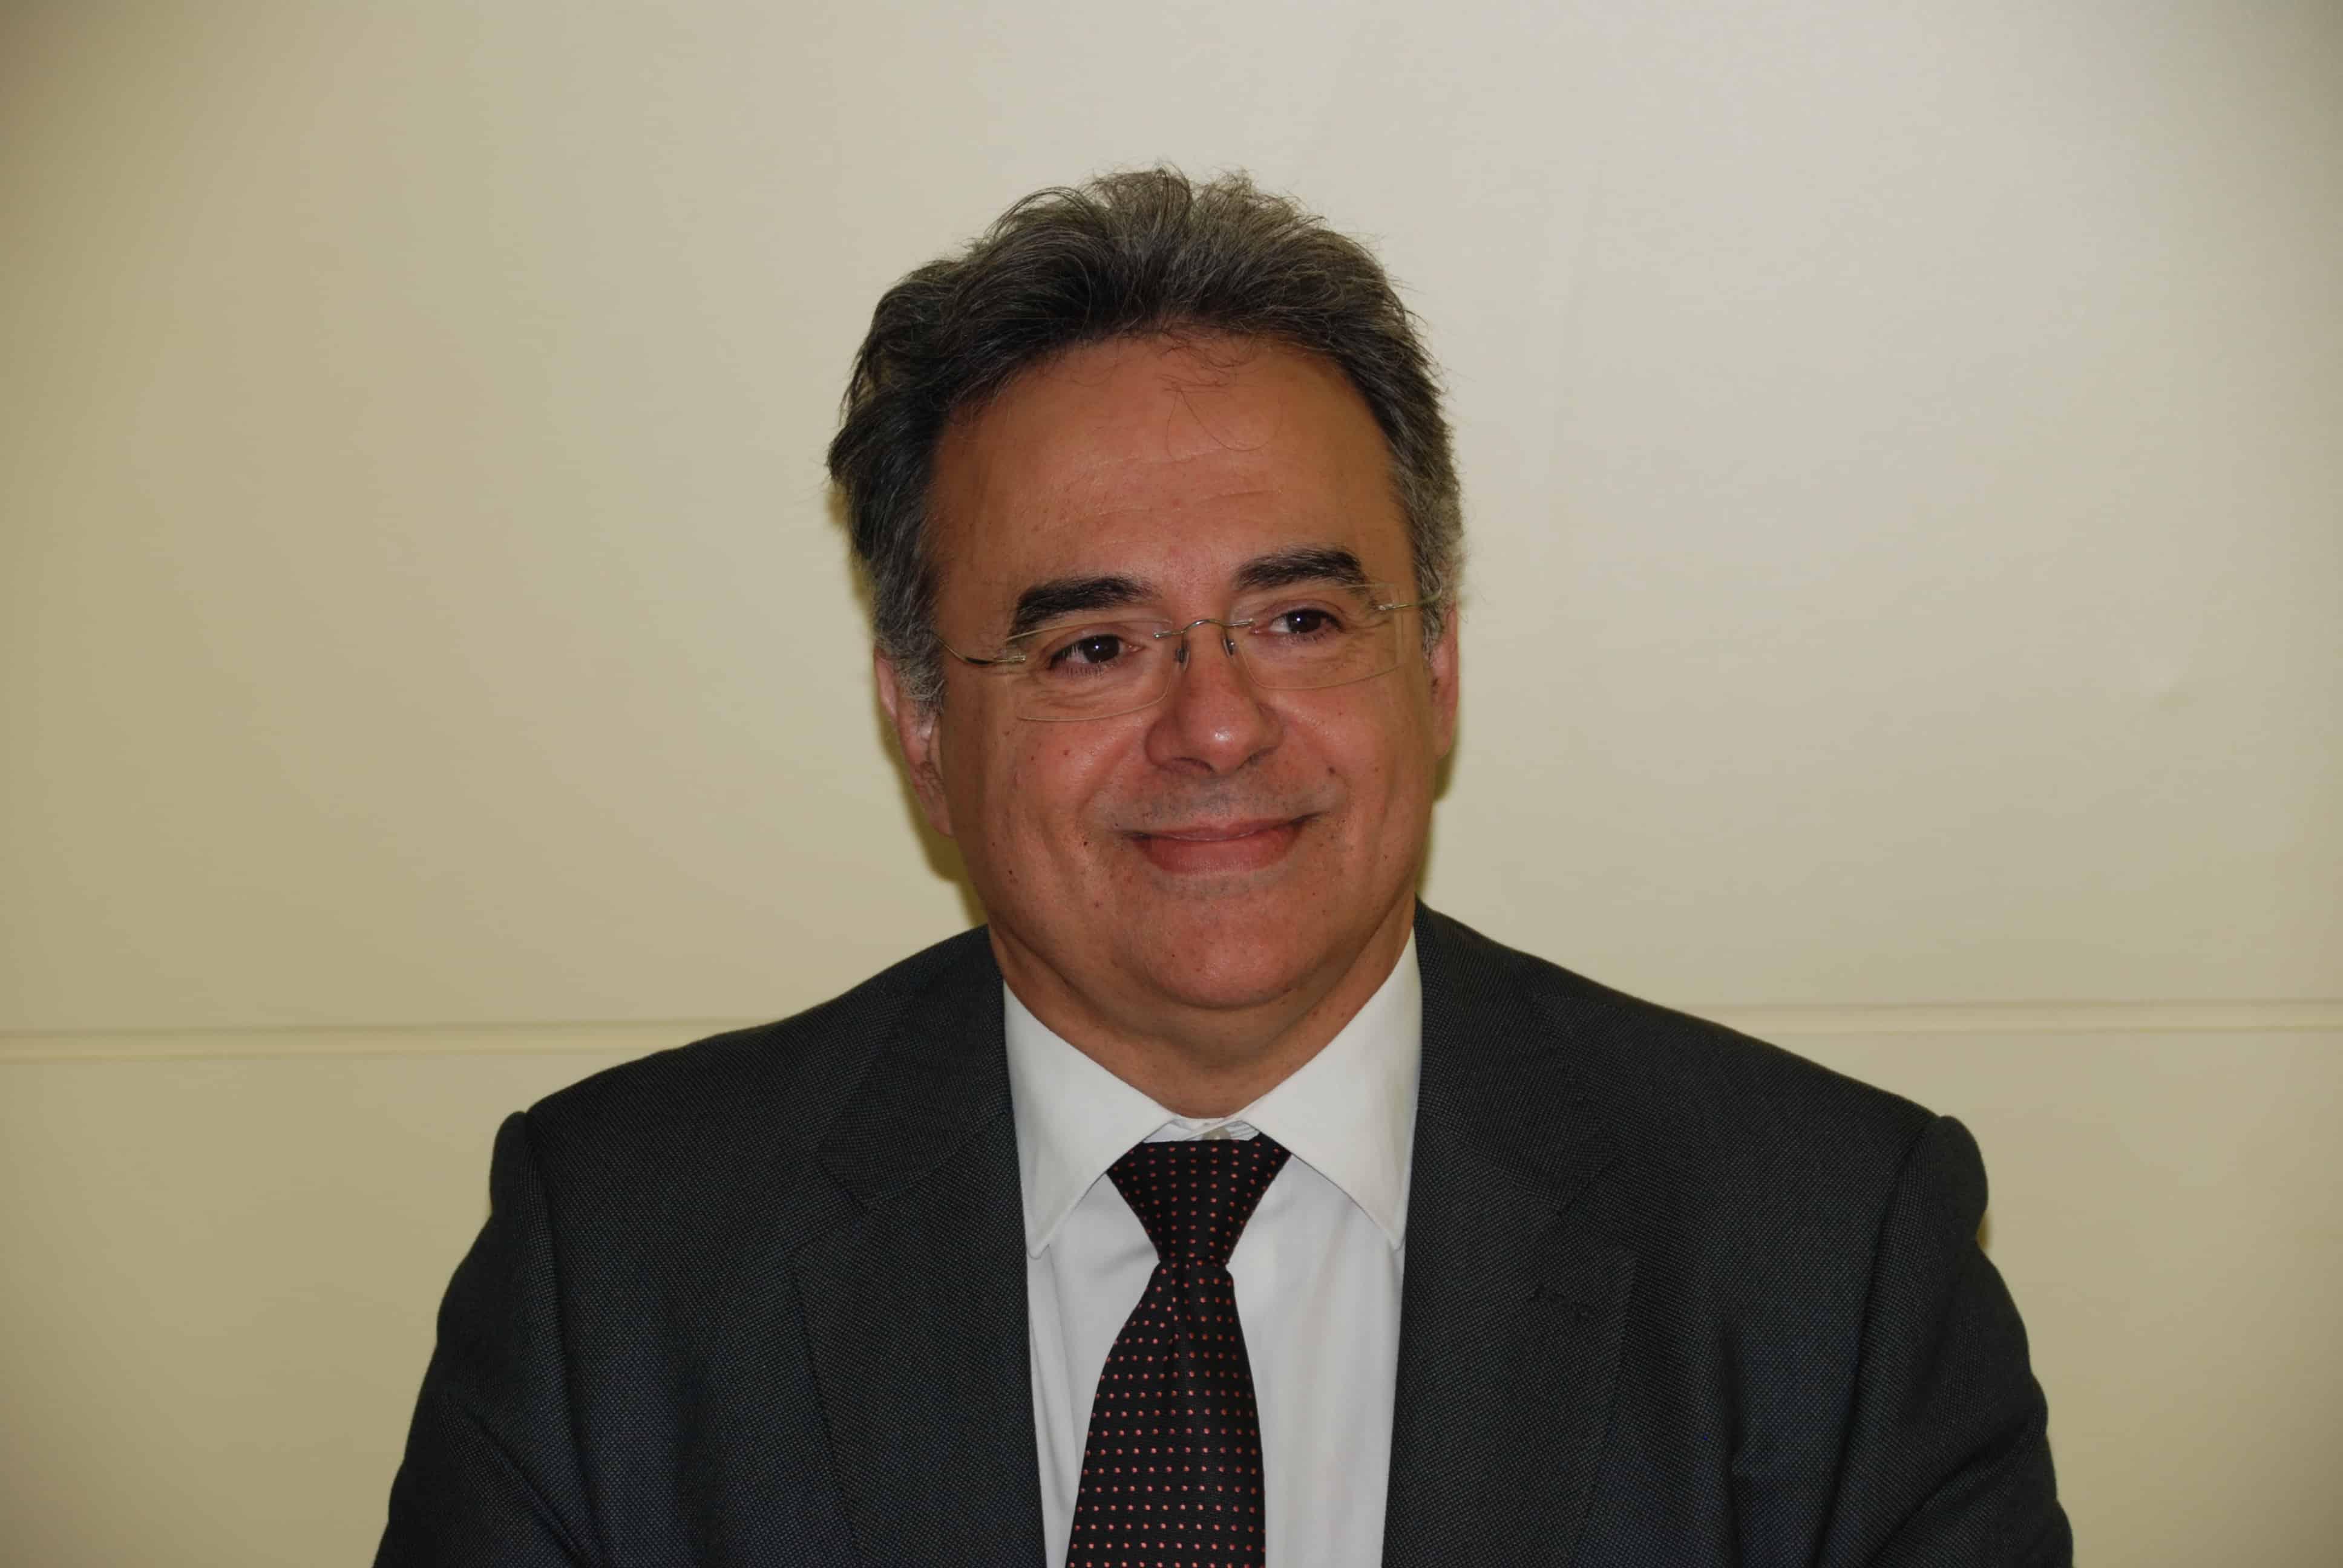 JOSE MARIA GONZALEZ